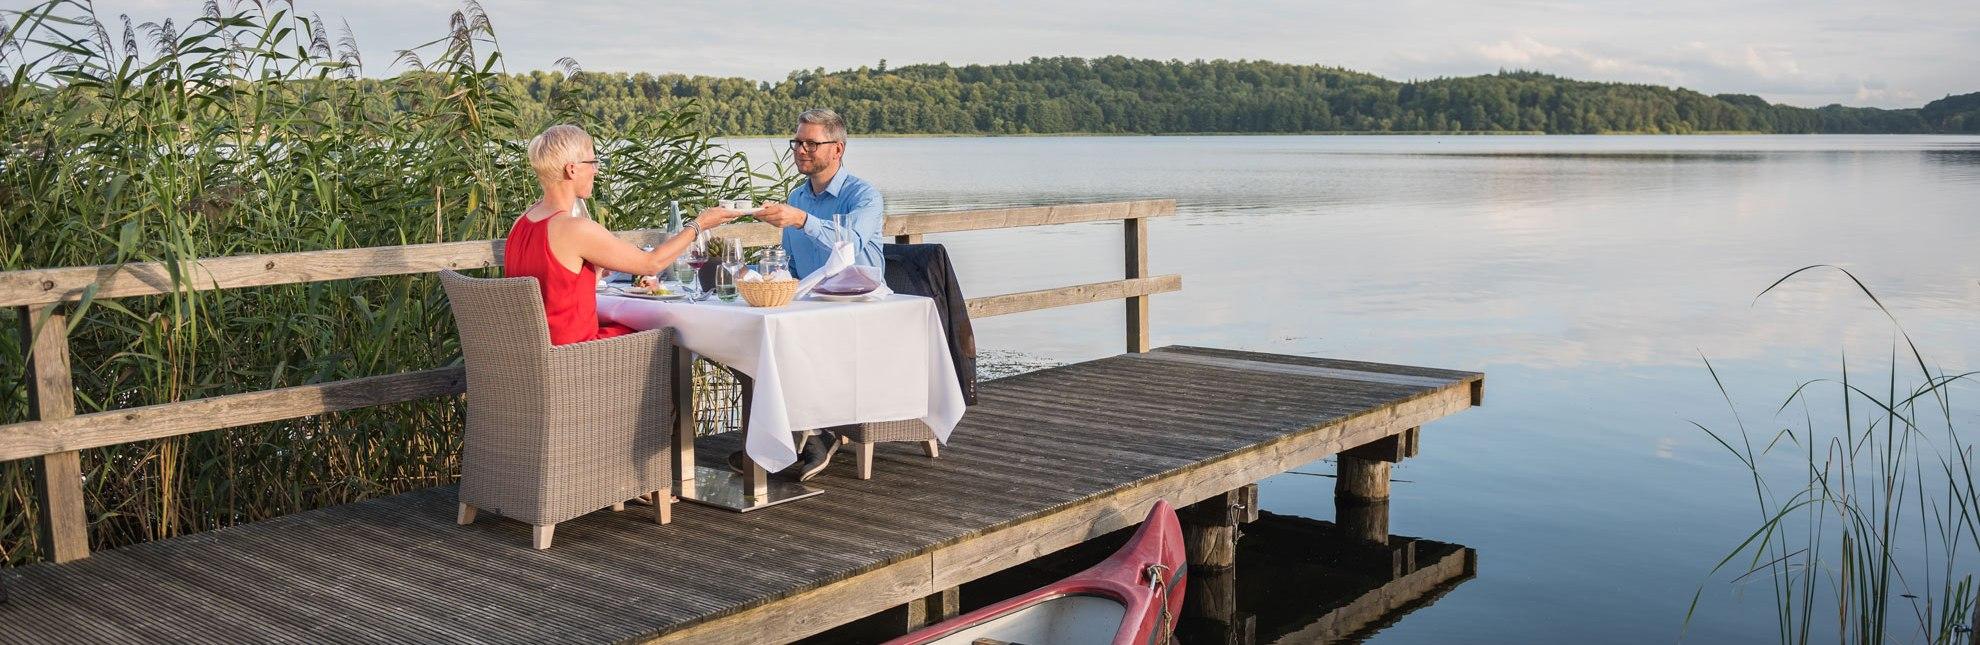 Dinner am See im Hotel und Restaurant Der Seehof in Ratzeburg, © markus Tiemann/HLMS